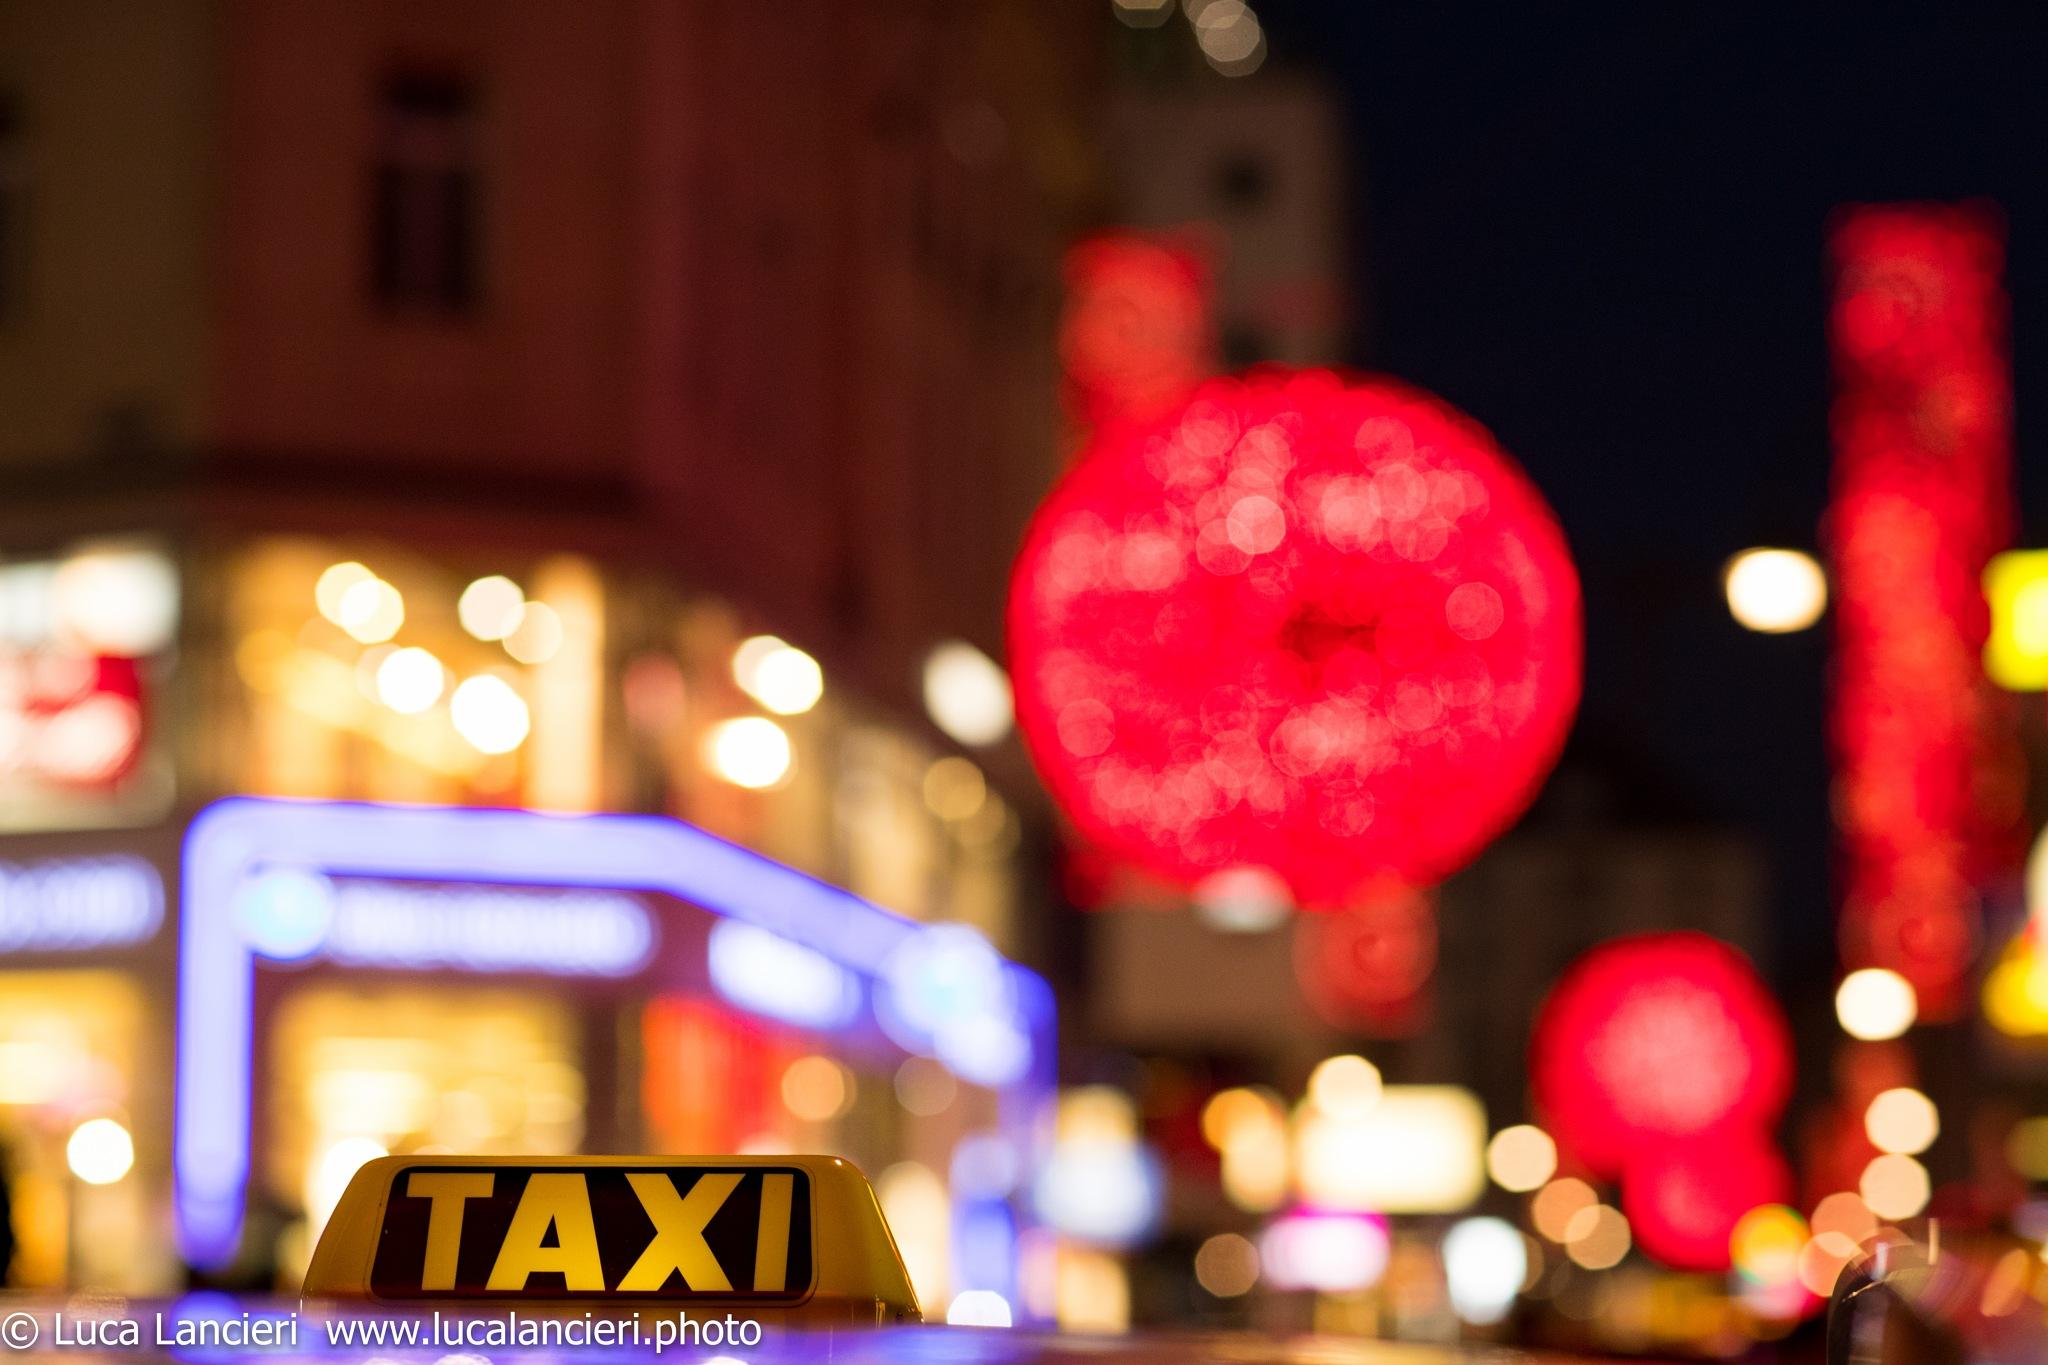 Vienna Taxi by Luca Lancieri